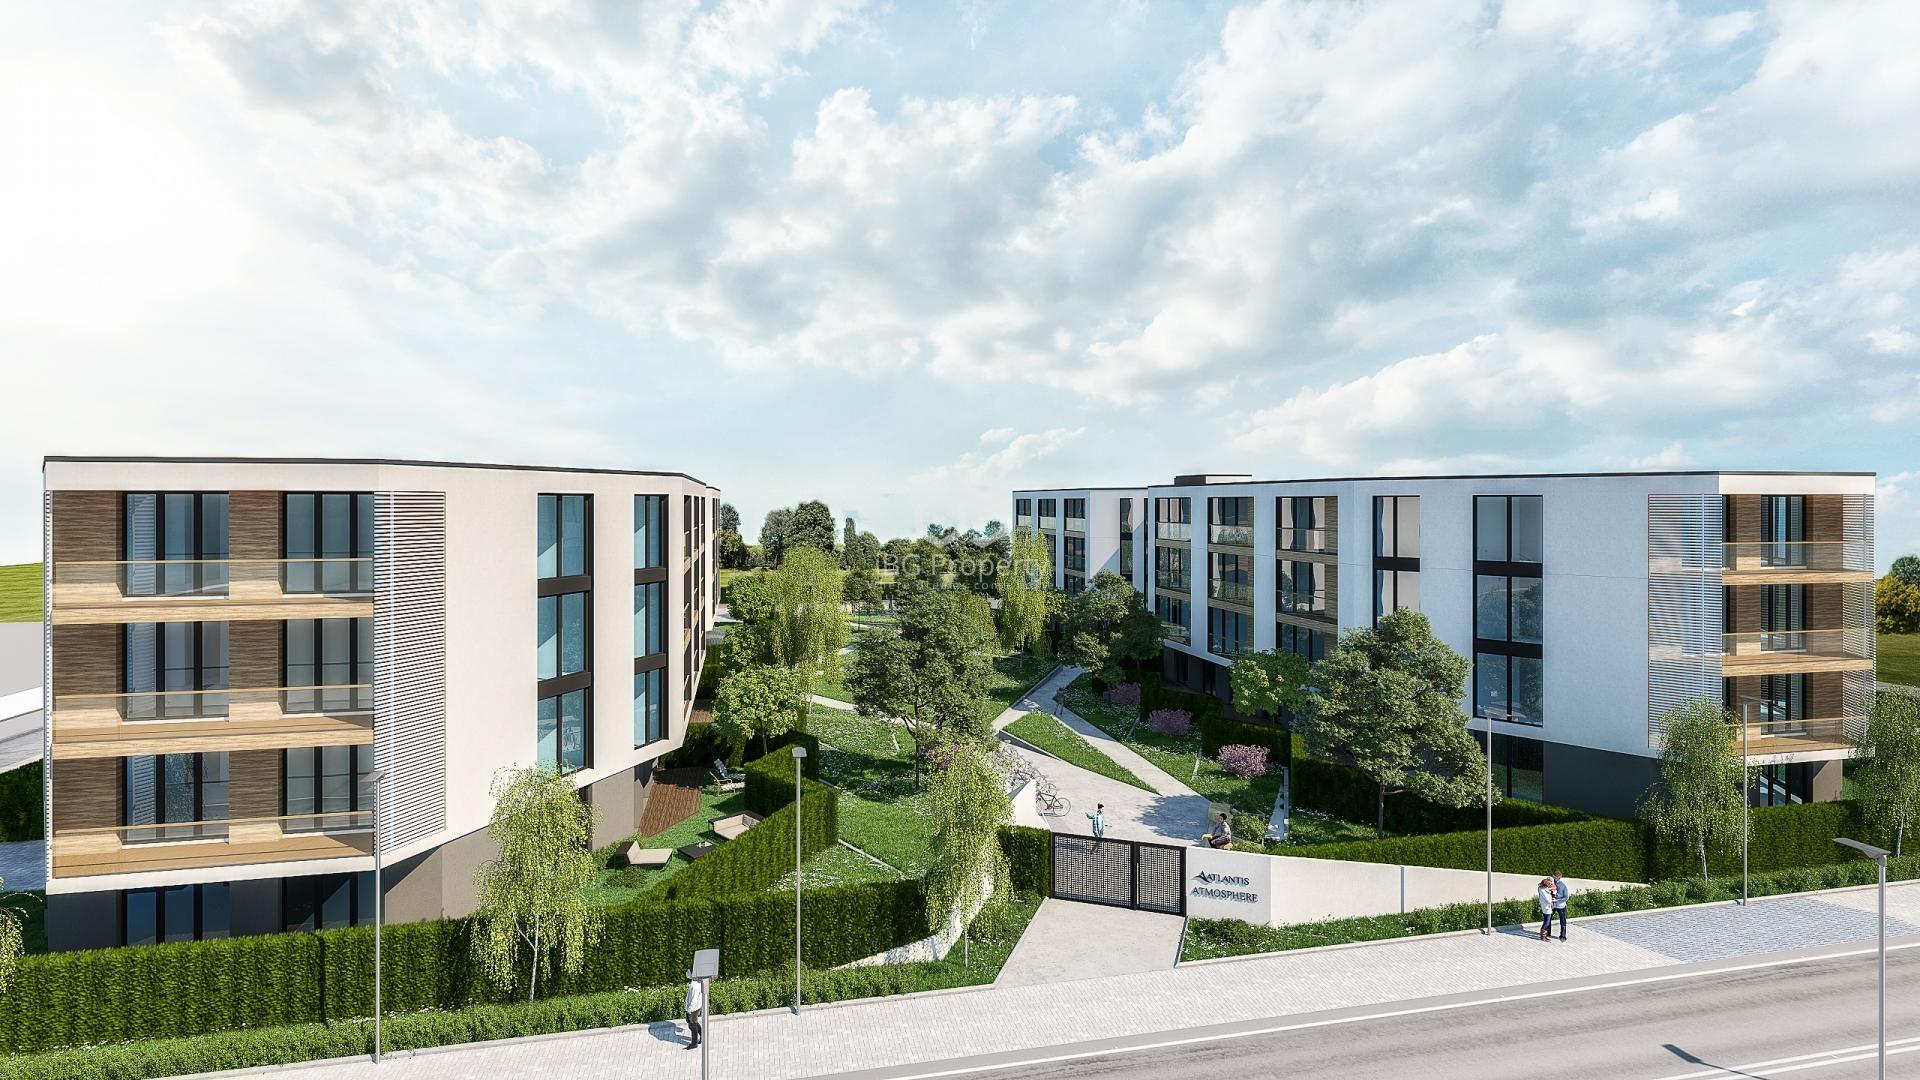 Vierzimmerwohnung in Sarafovo, Burgas 150 m2